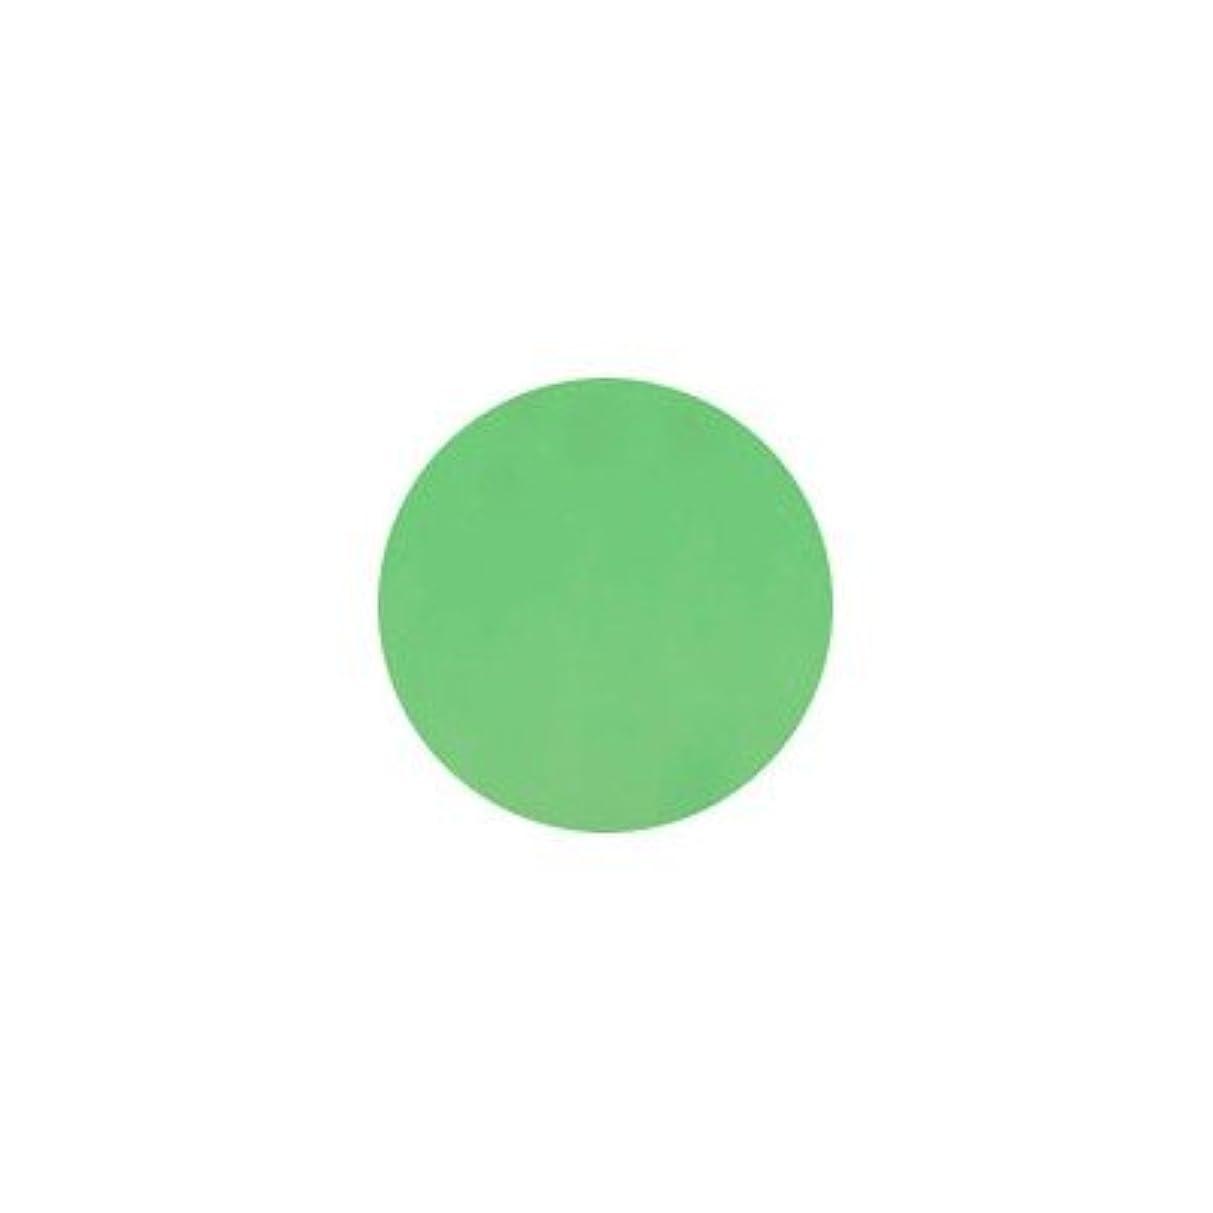 恒久的導入する日付付きプティール カラージェル ポップ P19 ソフトネオングリーン